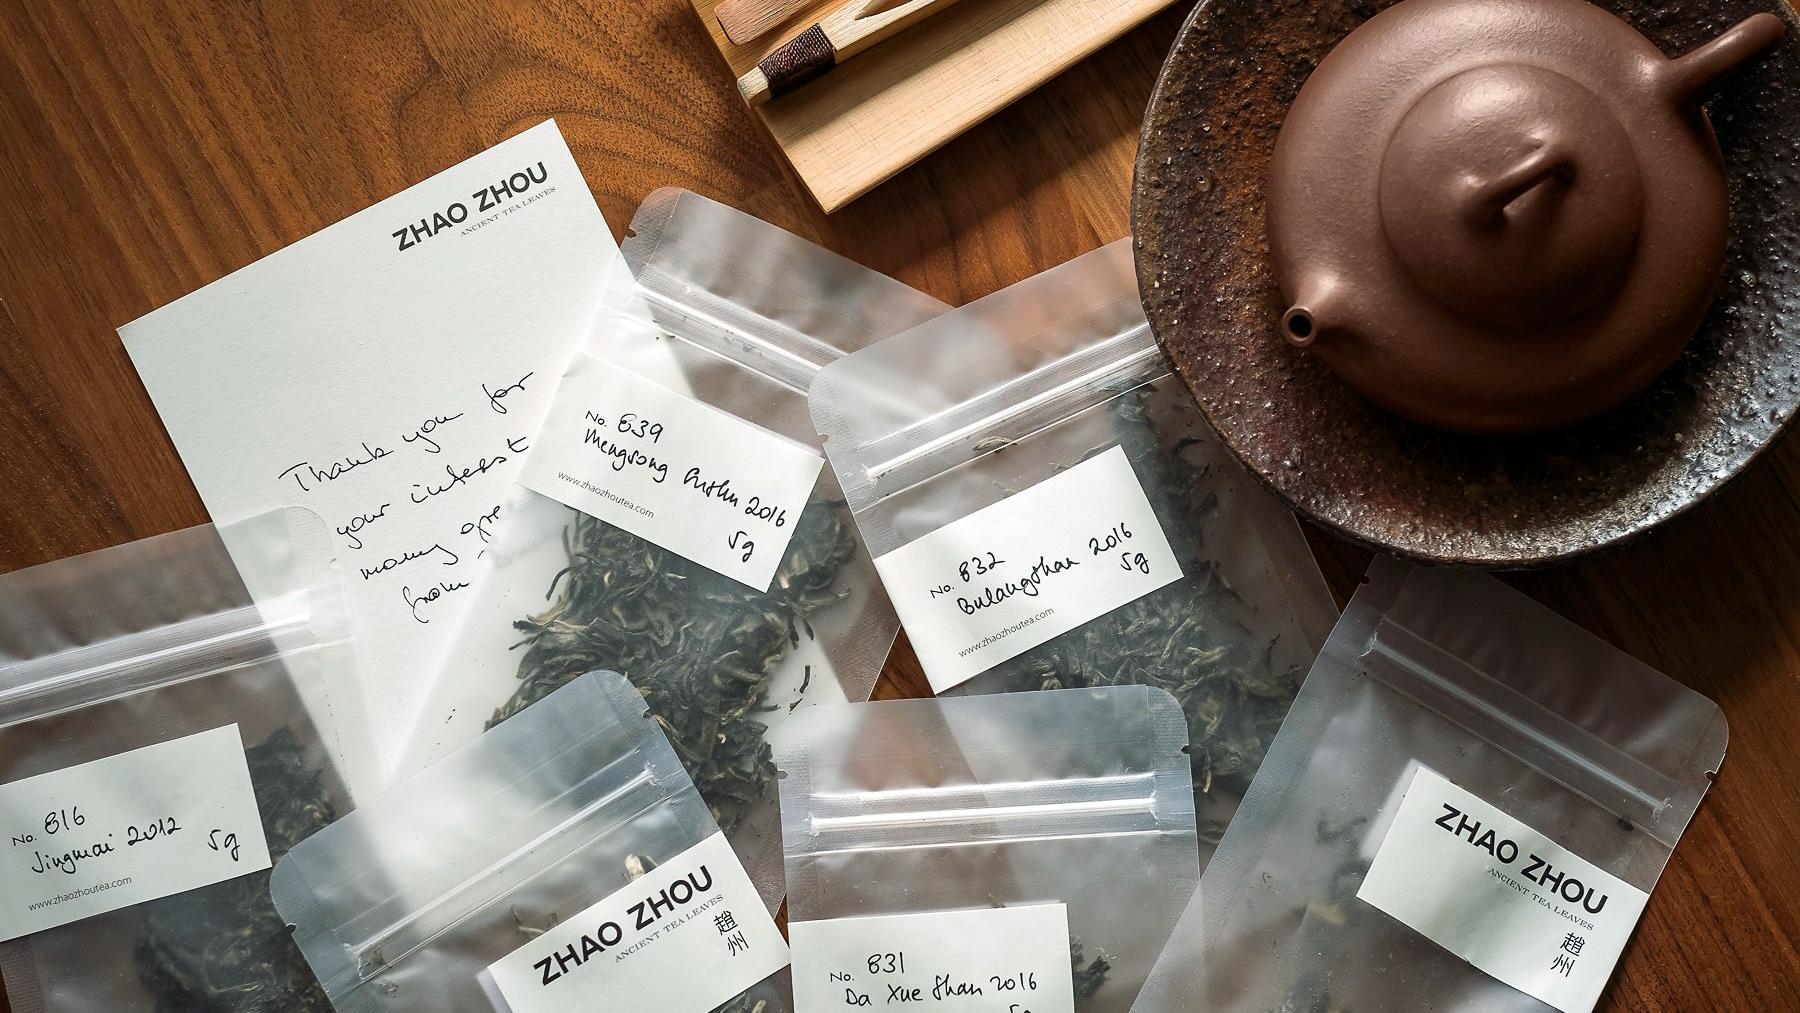 H2 – Havonta két tea – előfizetés és teaklub